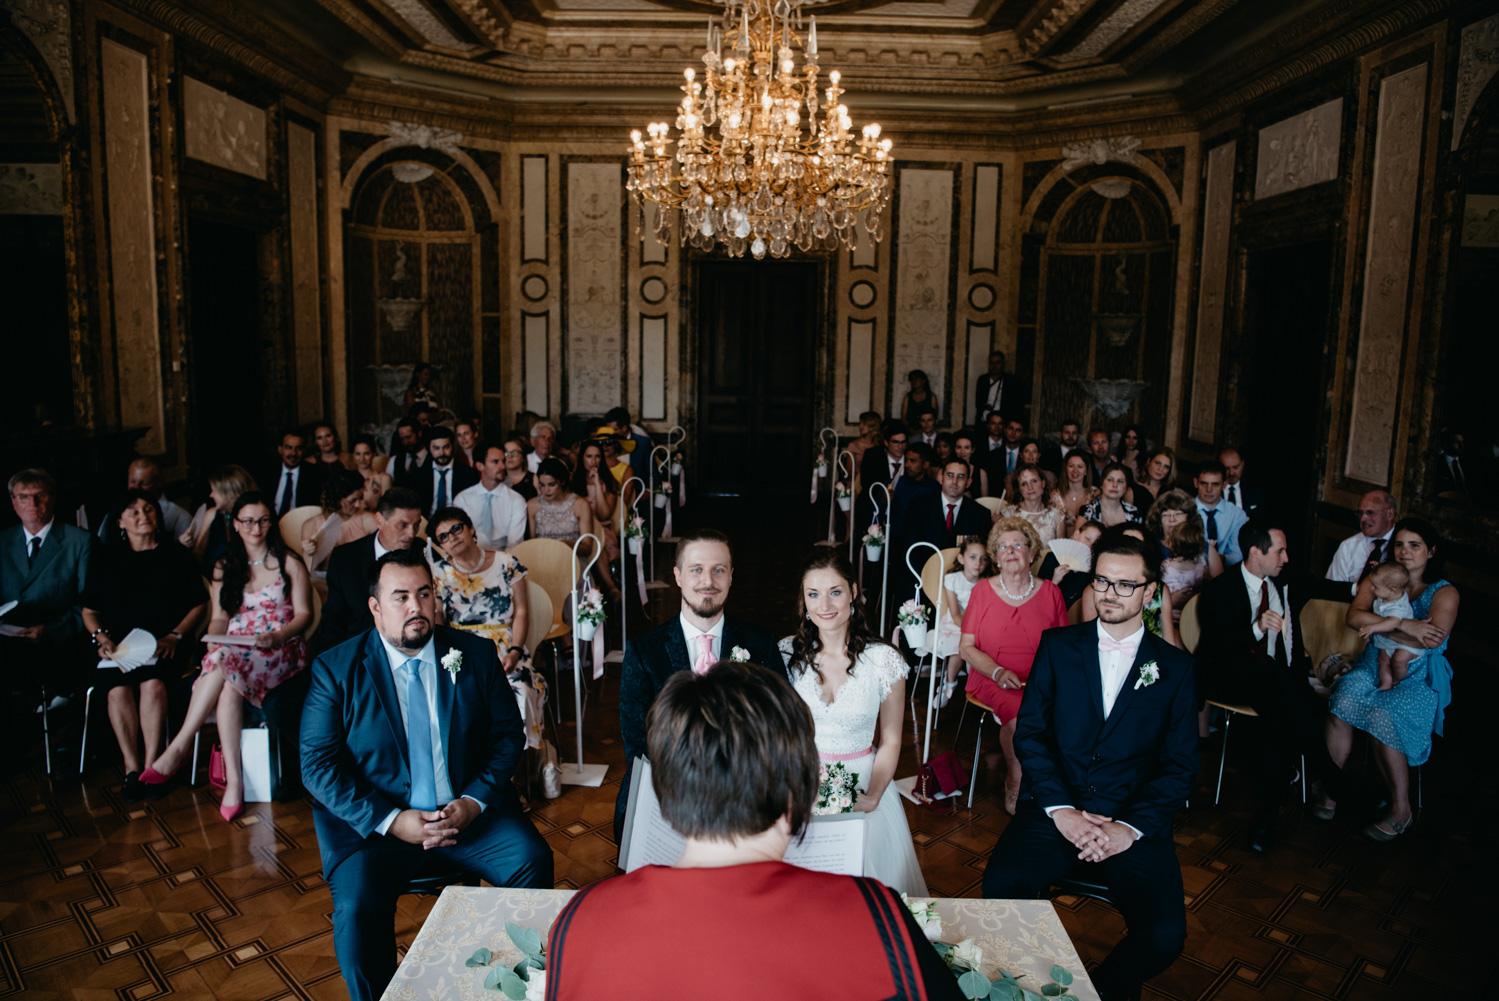 solya-mike-hochzeitsfotografin-hochzeitsfotografen-wien-hermesvilla-wedding-photographer-vienna-austria-82 Hochzeitstipps 3 - Die Trauung | Hochzeitsfotografin Tirol & Wien